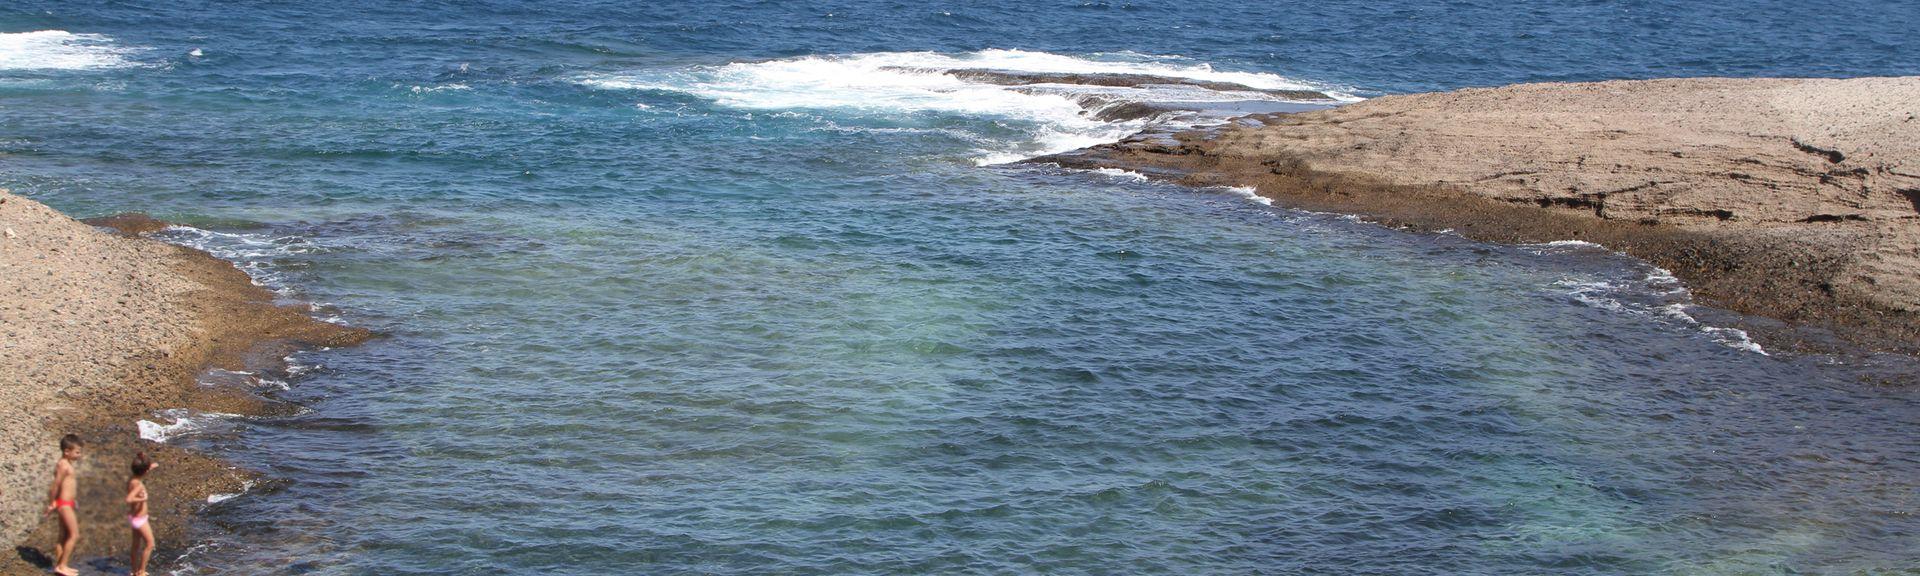 Poris de Abona, Isole Canarie, Spagna